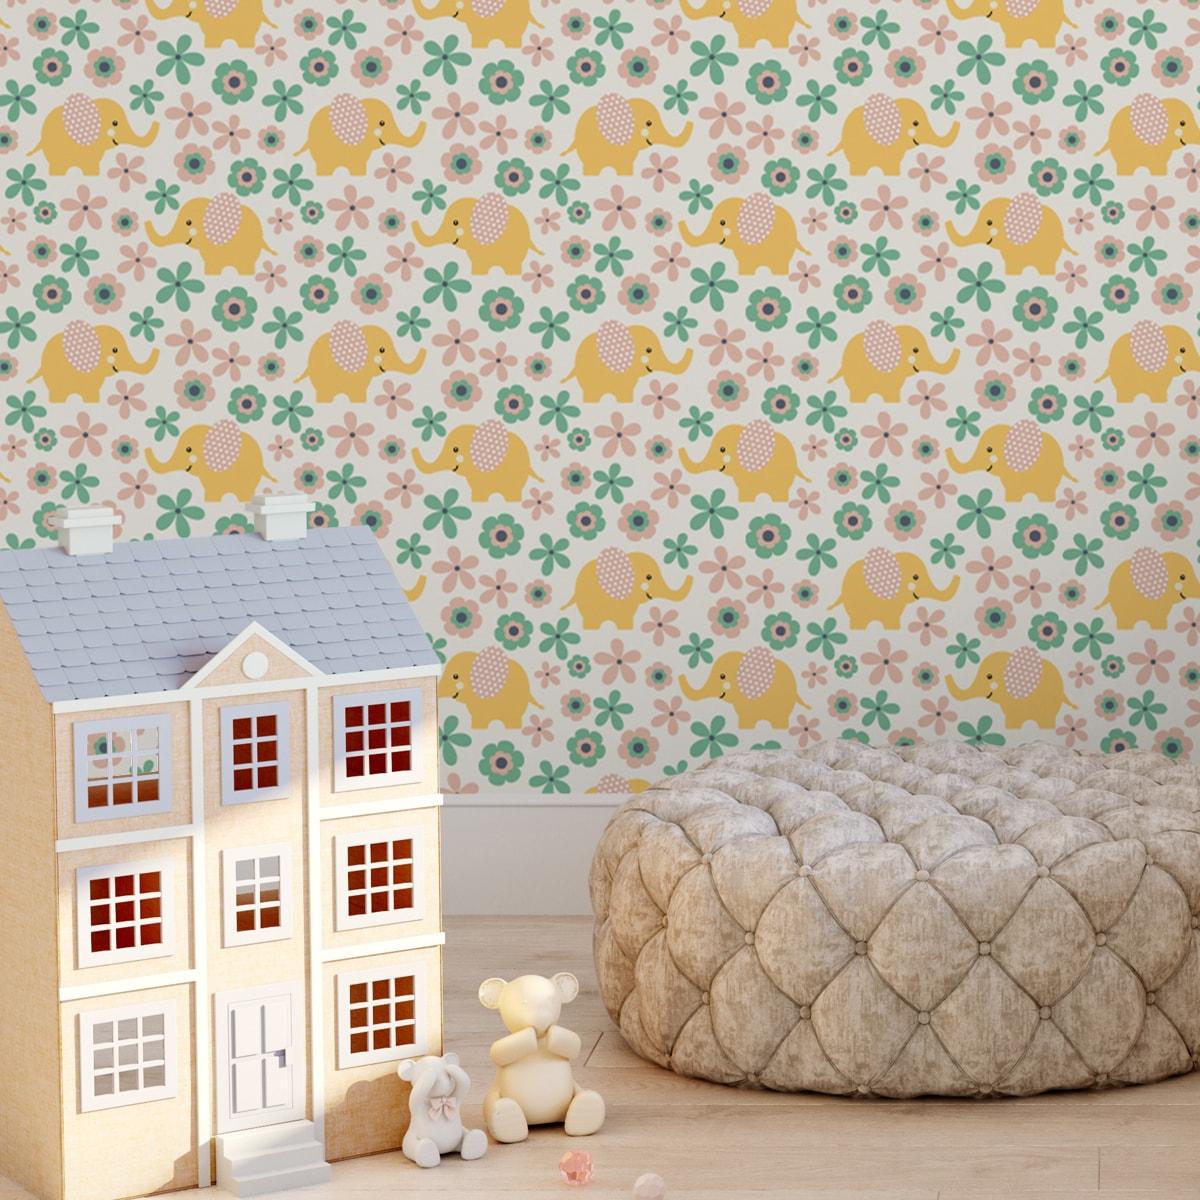 """Wandtapete creme: """"Elephant Power""""  - Süße Kinder Baby Tapete mit Blumen und Elefanten im 70er Jahre Stil in gelb angepasst an Farrow and Ball Wandfarben- Vliestapete Tiere"""